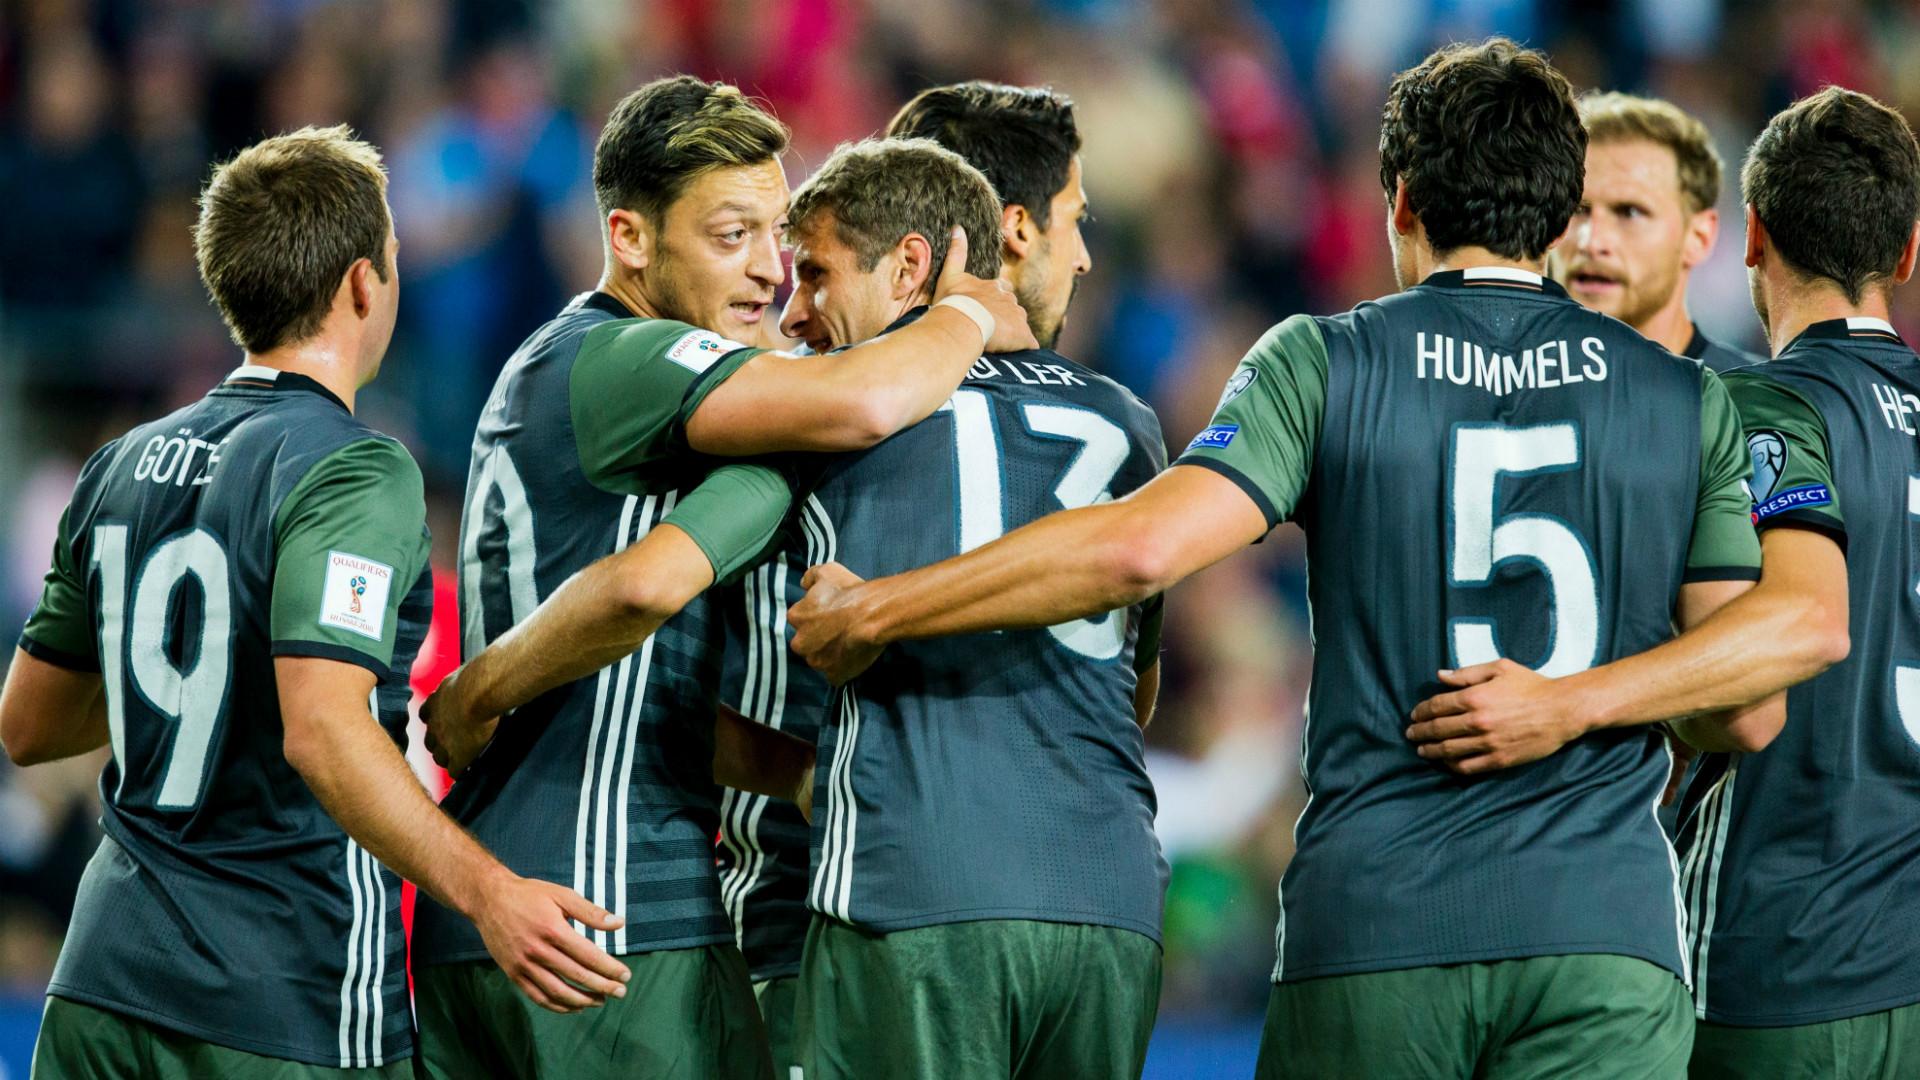 Por qué Alemania lleva un equipo B a la Copa Confederaciones 2017